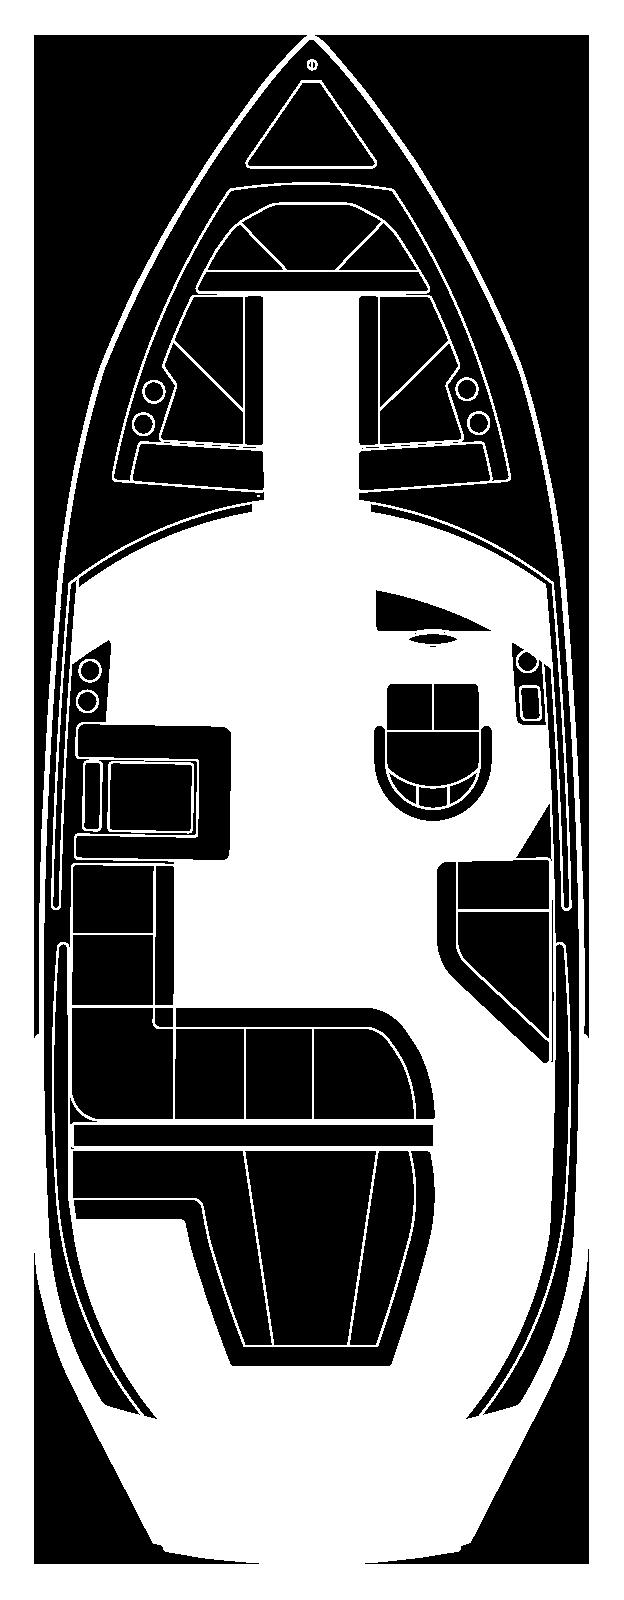 CS23_CobaltBoats_Floorplans